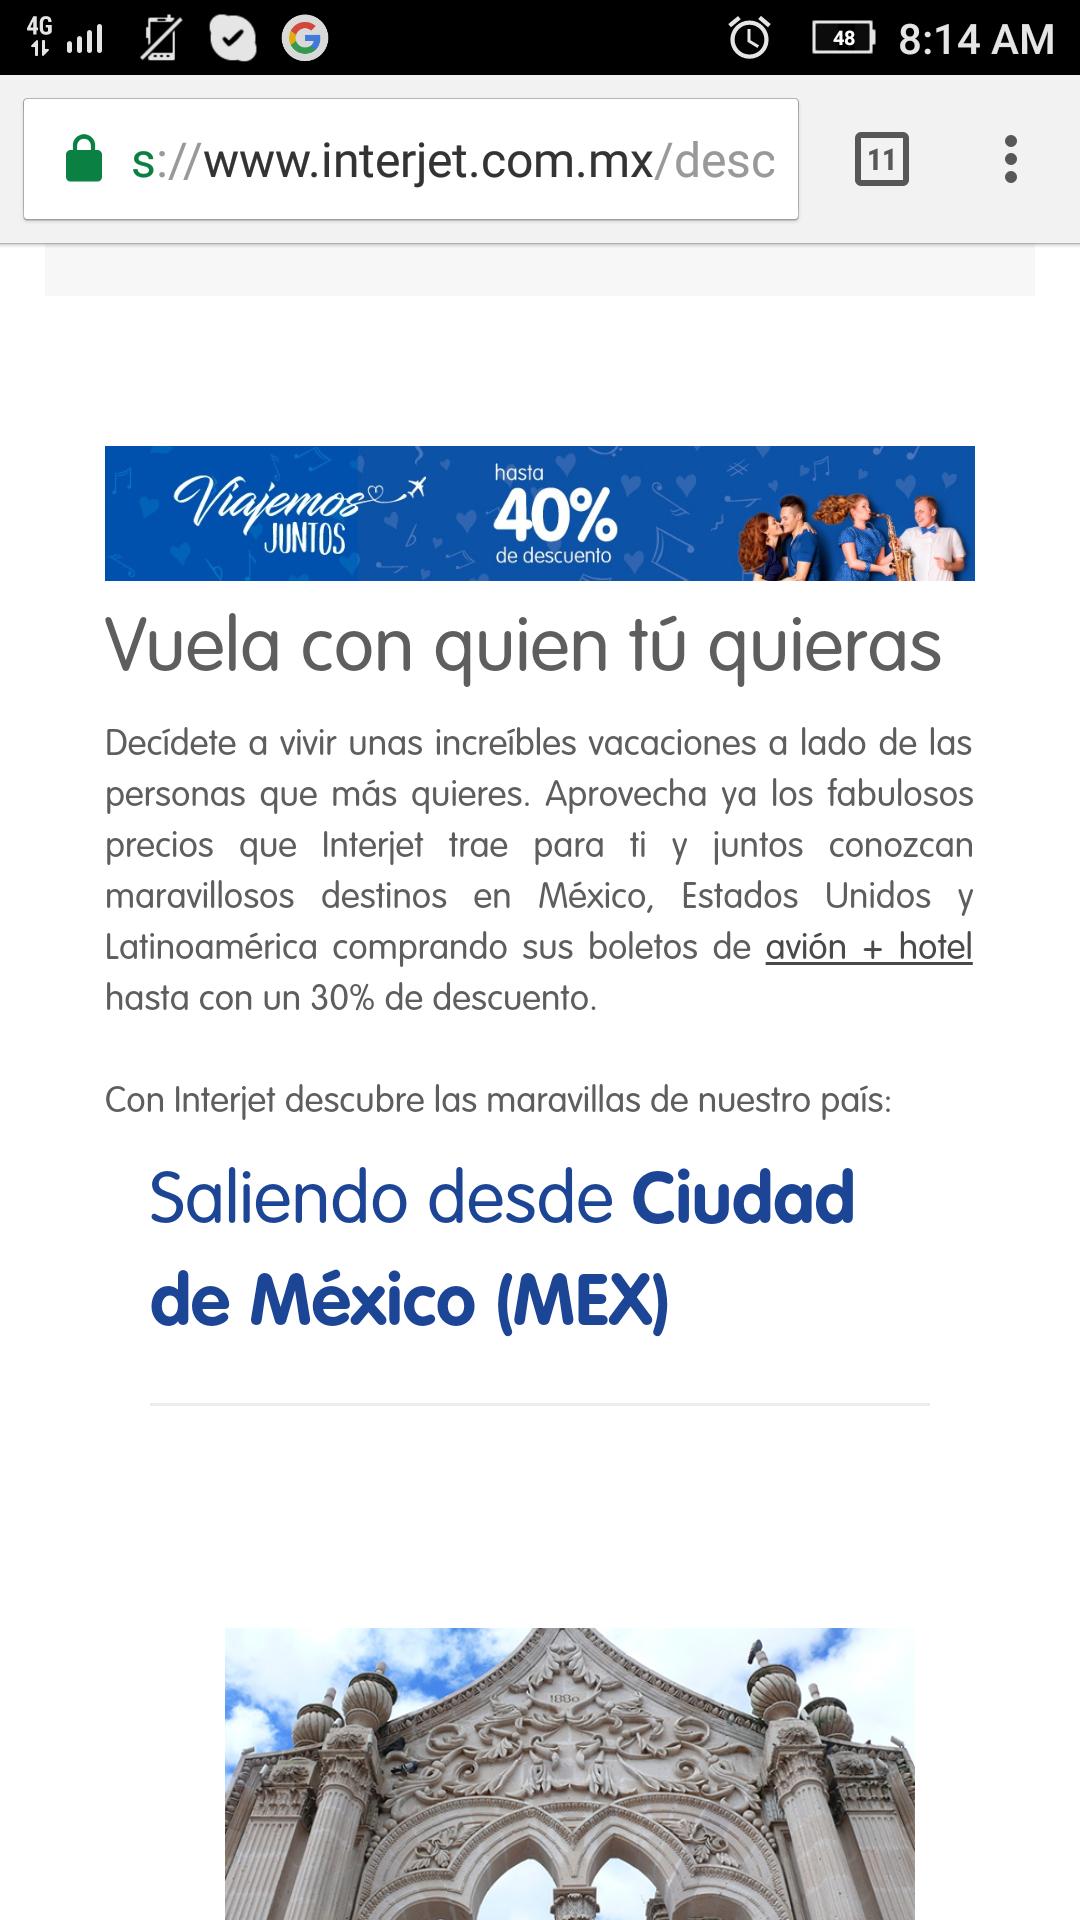 Interjet: Paquete de vuelo+hotel hasta 30% de descuento